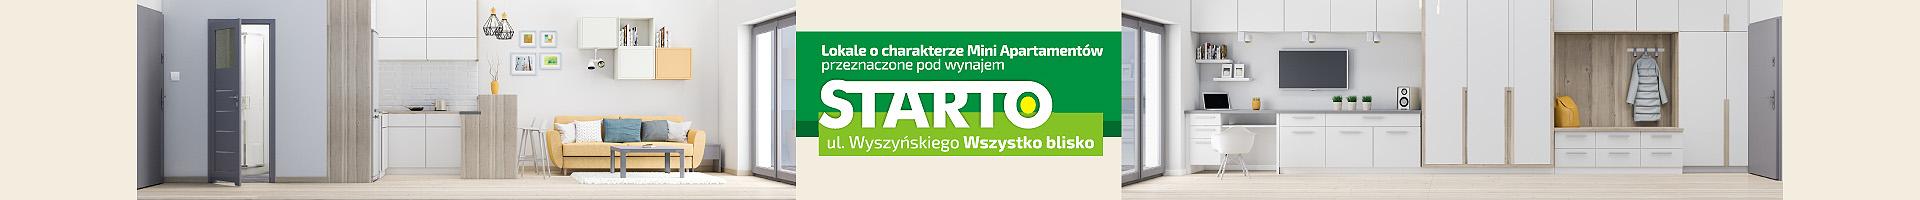 ul. Wyszyńskiego - Starto